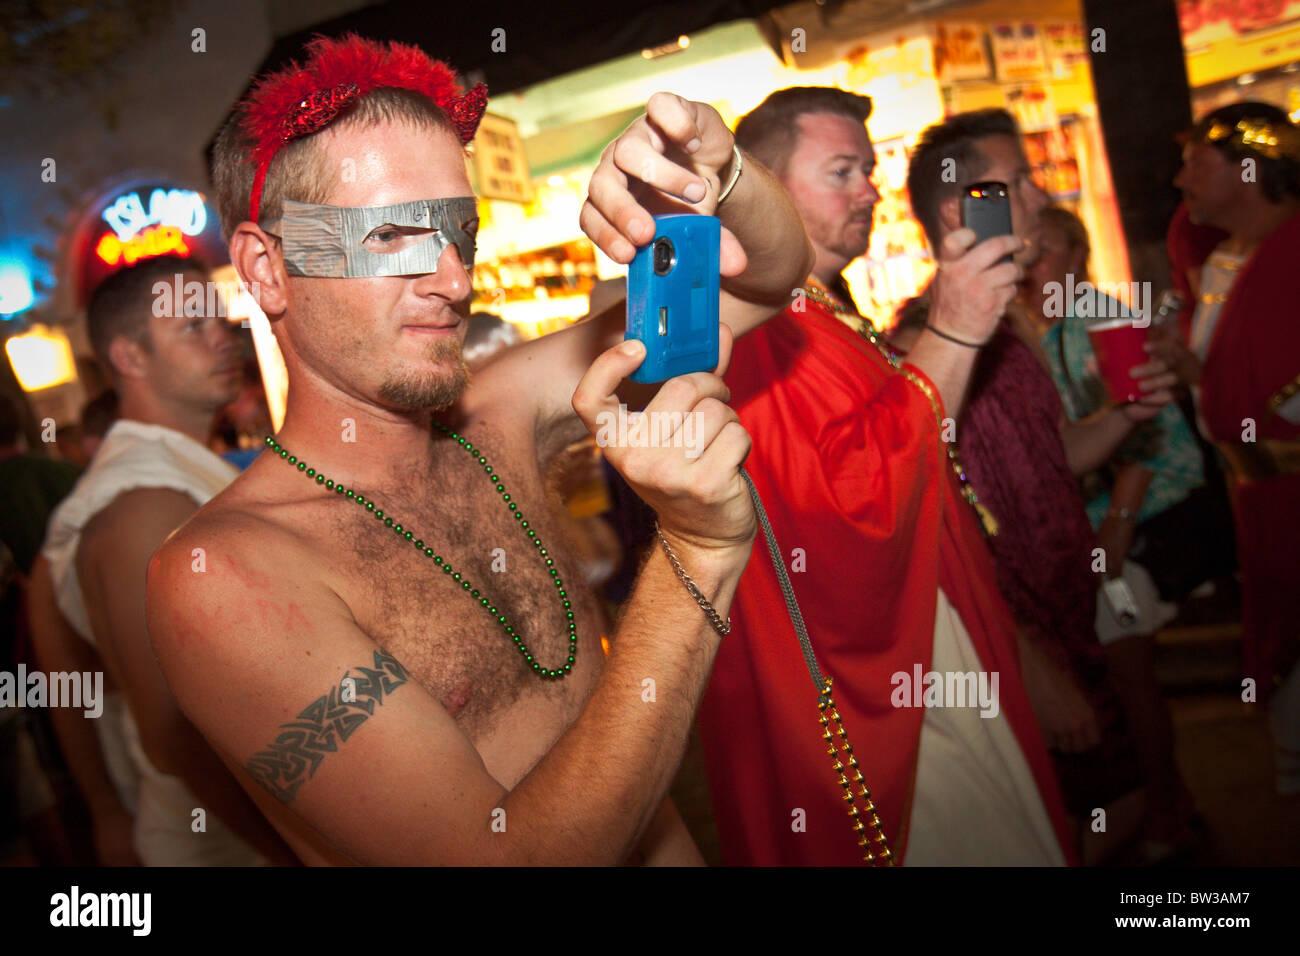 Costumed Revelers During Fantasy Fest Halloween Parade In Key West Jpg X Key West Halloween Parade